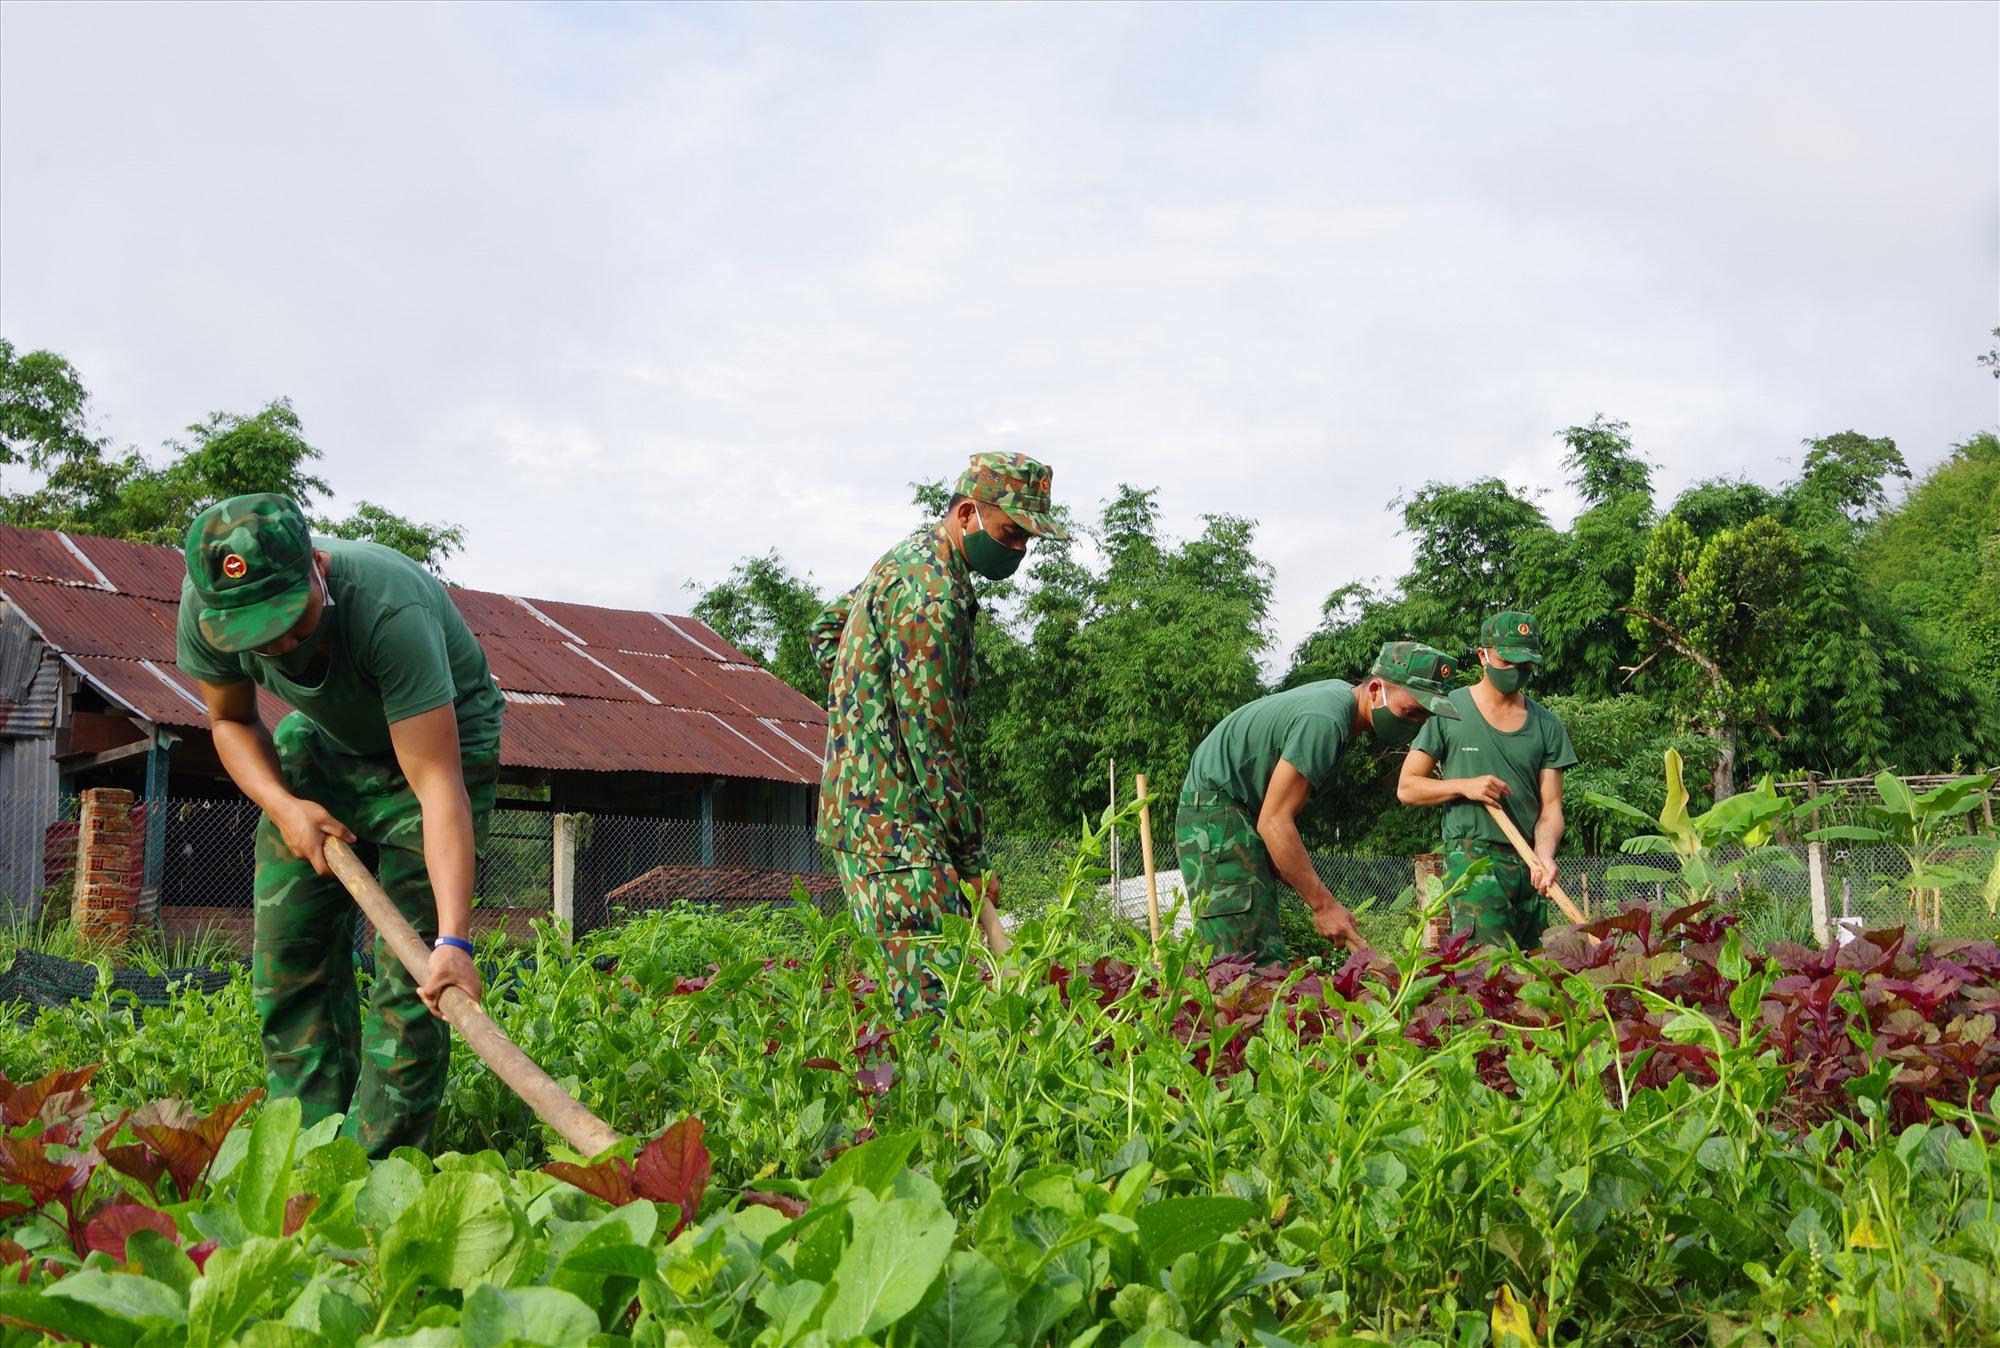 Cán bộ, chiến sĩ Đồn Biên phòng cửa khẩu Nam Giang tăng gia sản xuất. Ảnh: HỒNG ANH